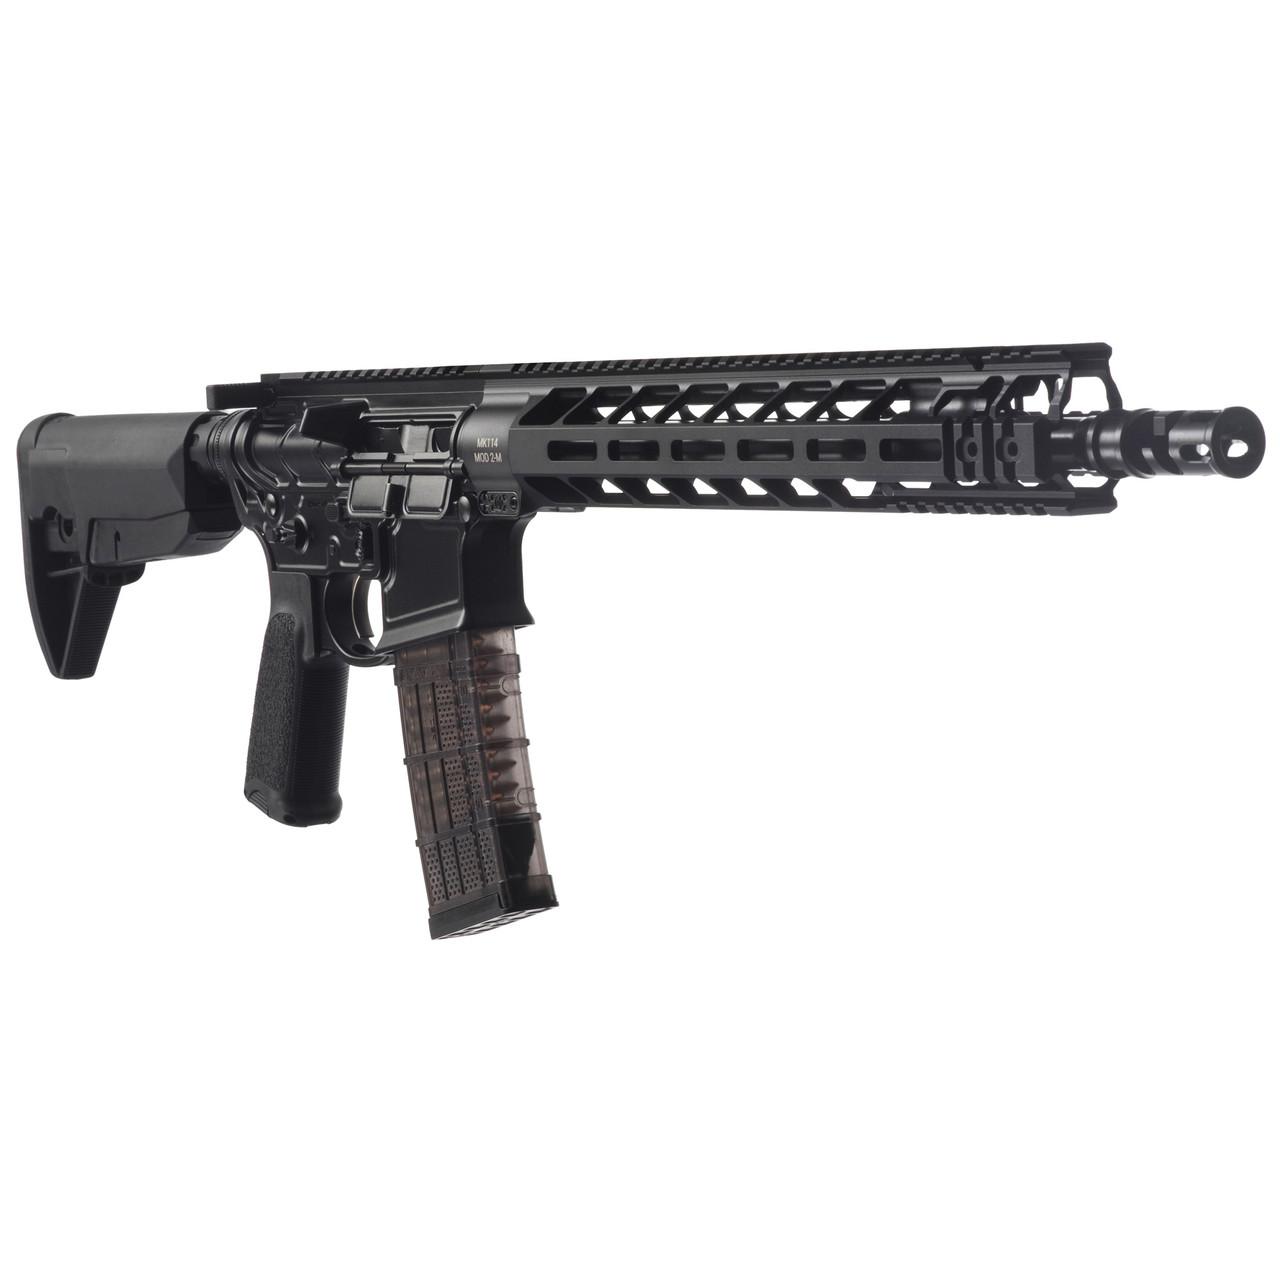 PWS MK114 MOD 2-M CALIFORNIA LEGAL - .223/5.56